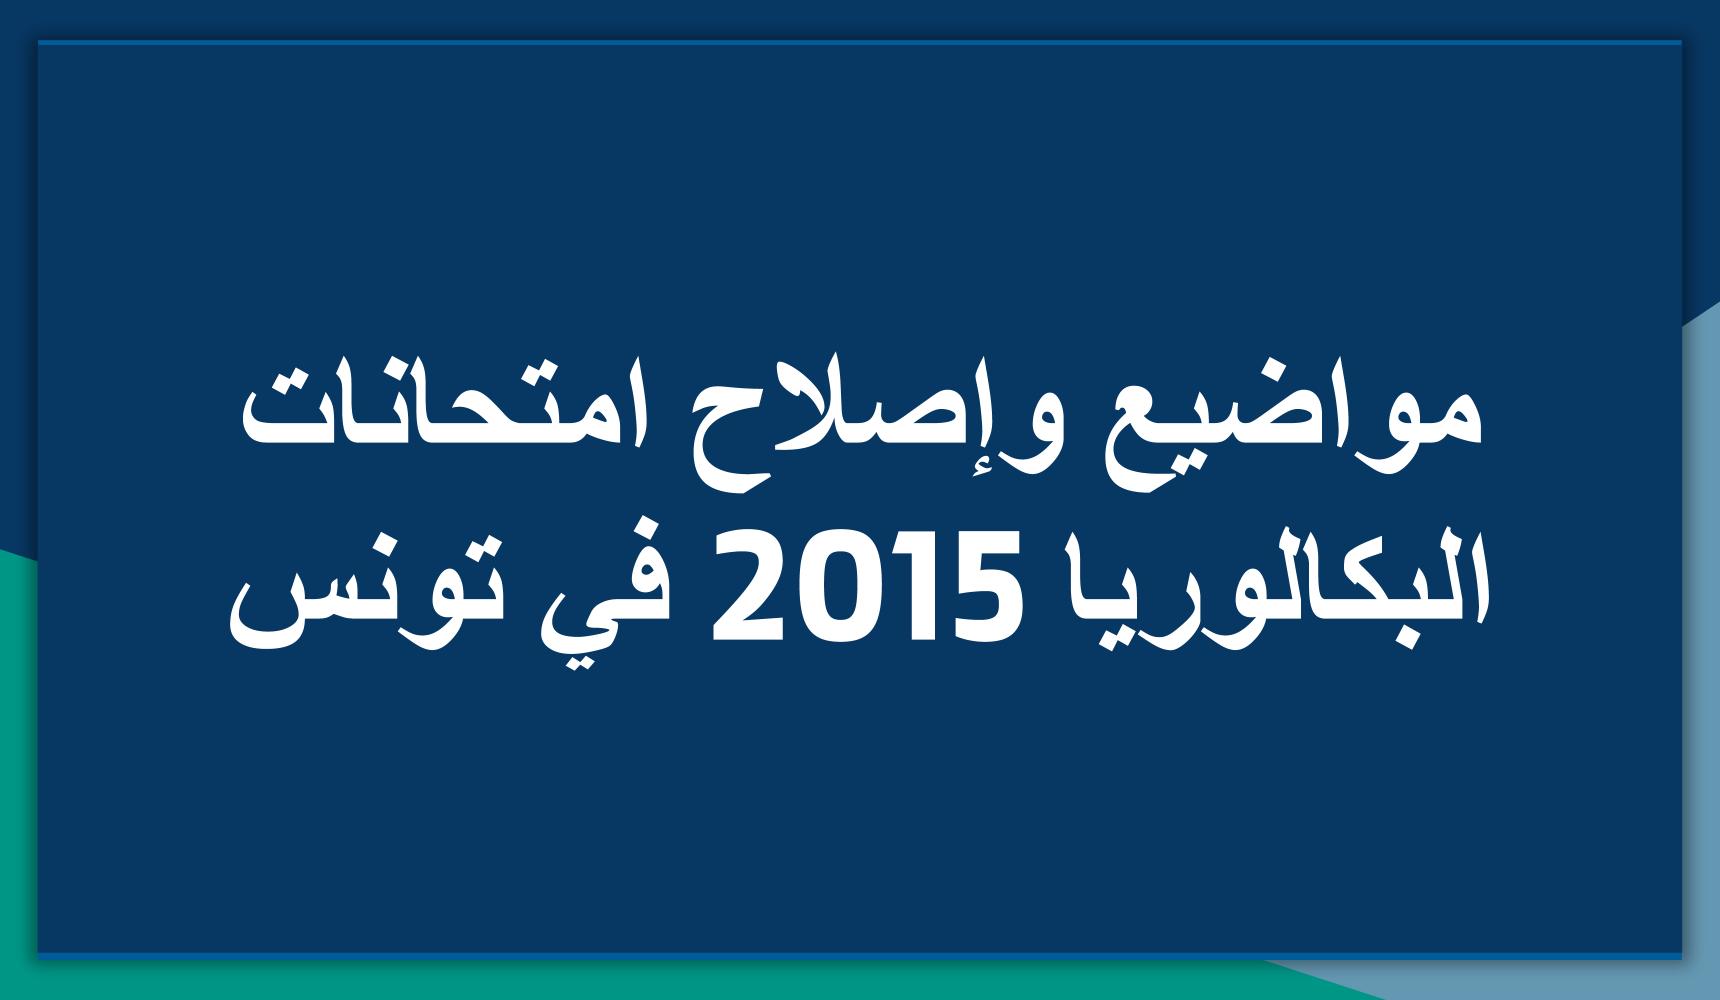 مواضيع واصلاح امتحانات البكالوريا 2015 في تونس